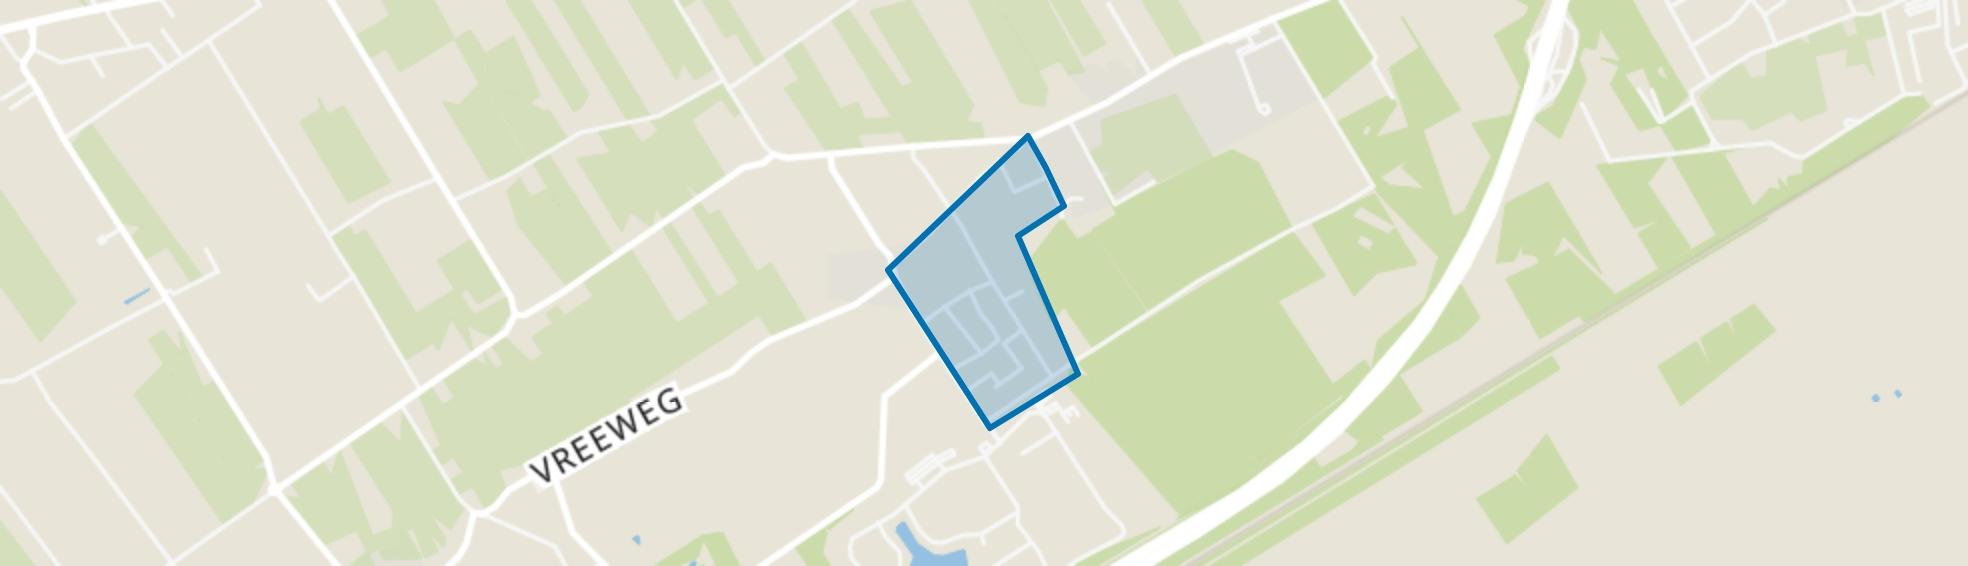 't Loo, 't Loo Oldebroek map